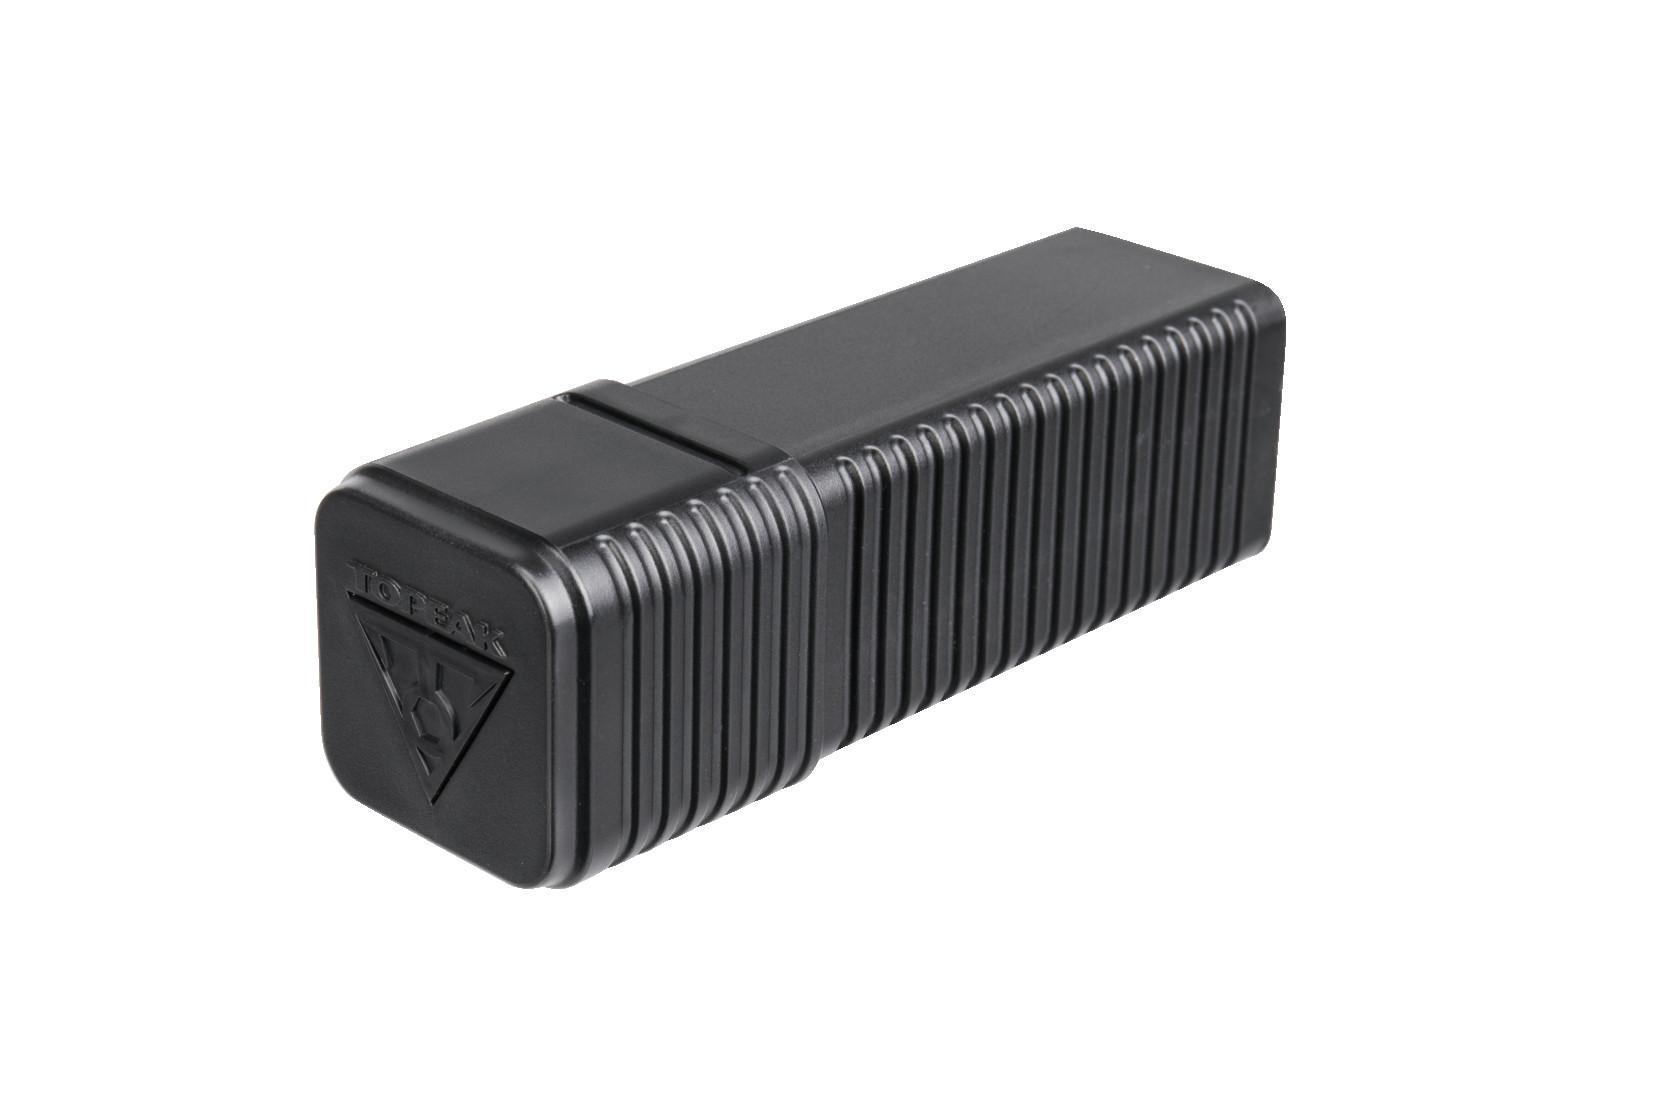 Topeak CubiCubi PowerPack Powerbank